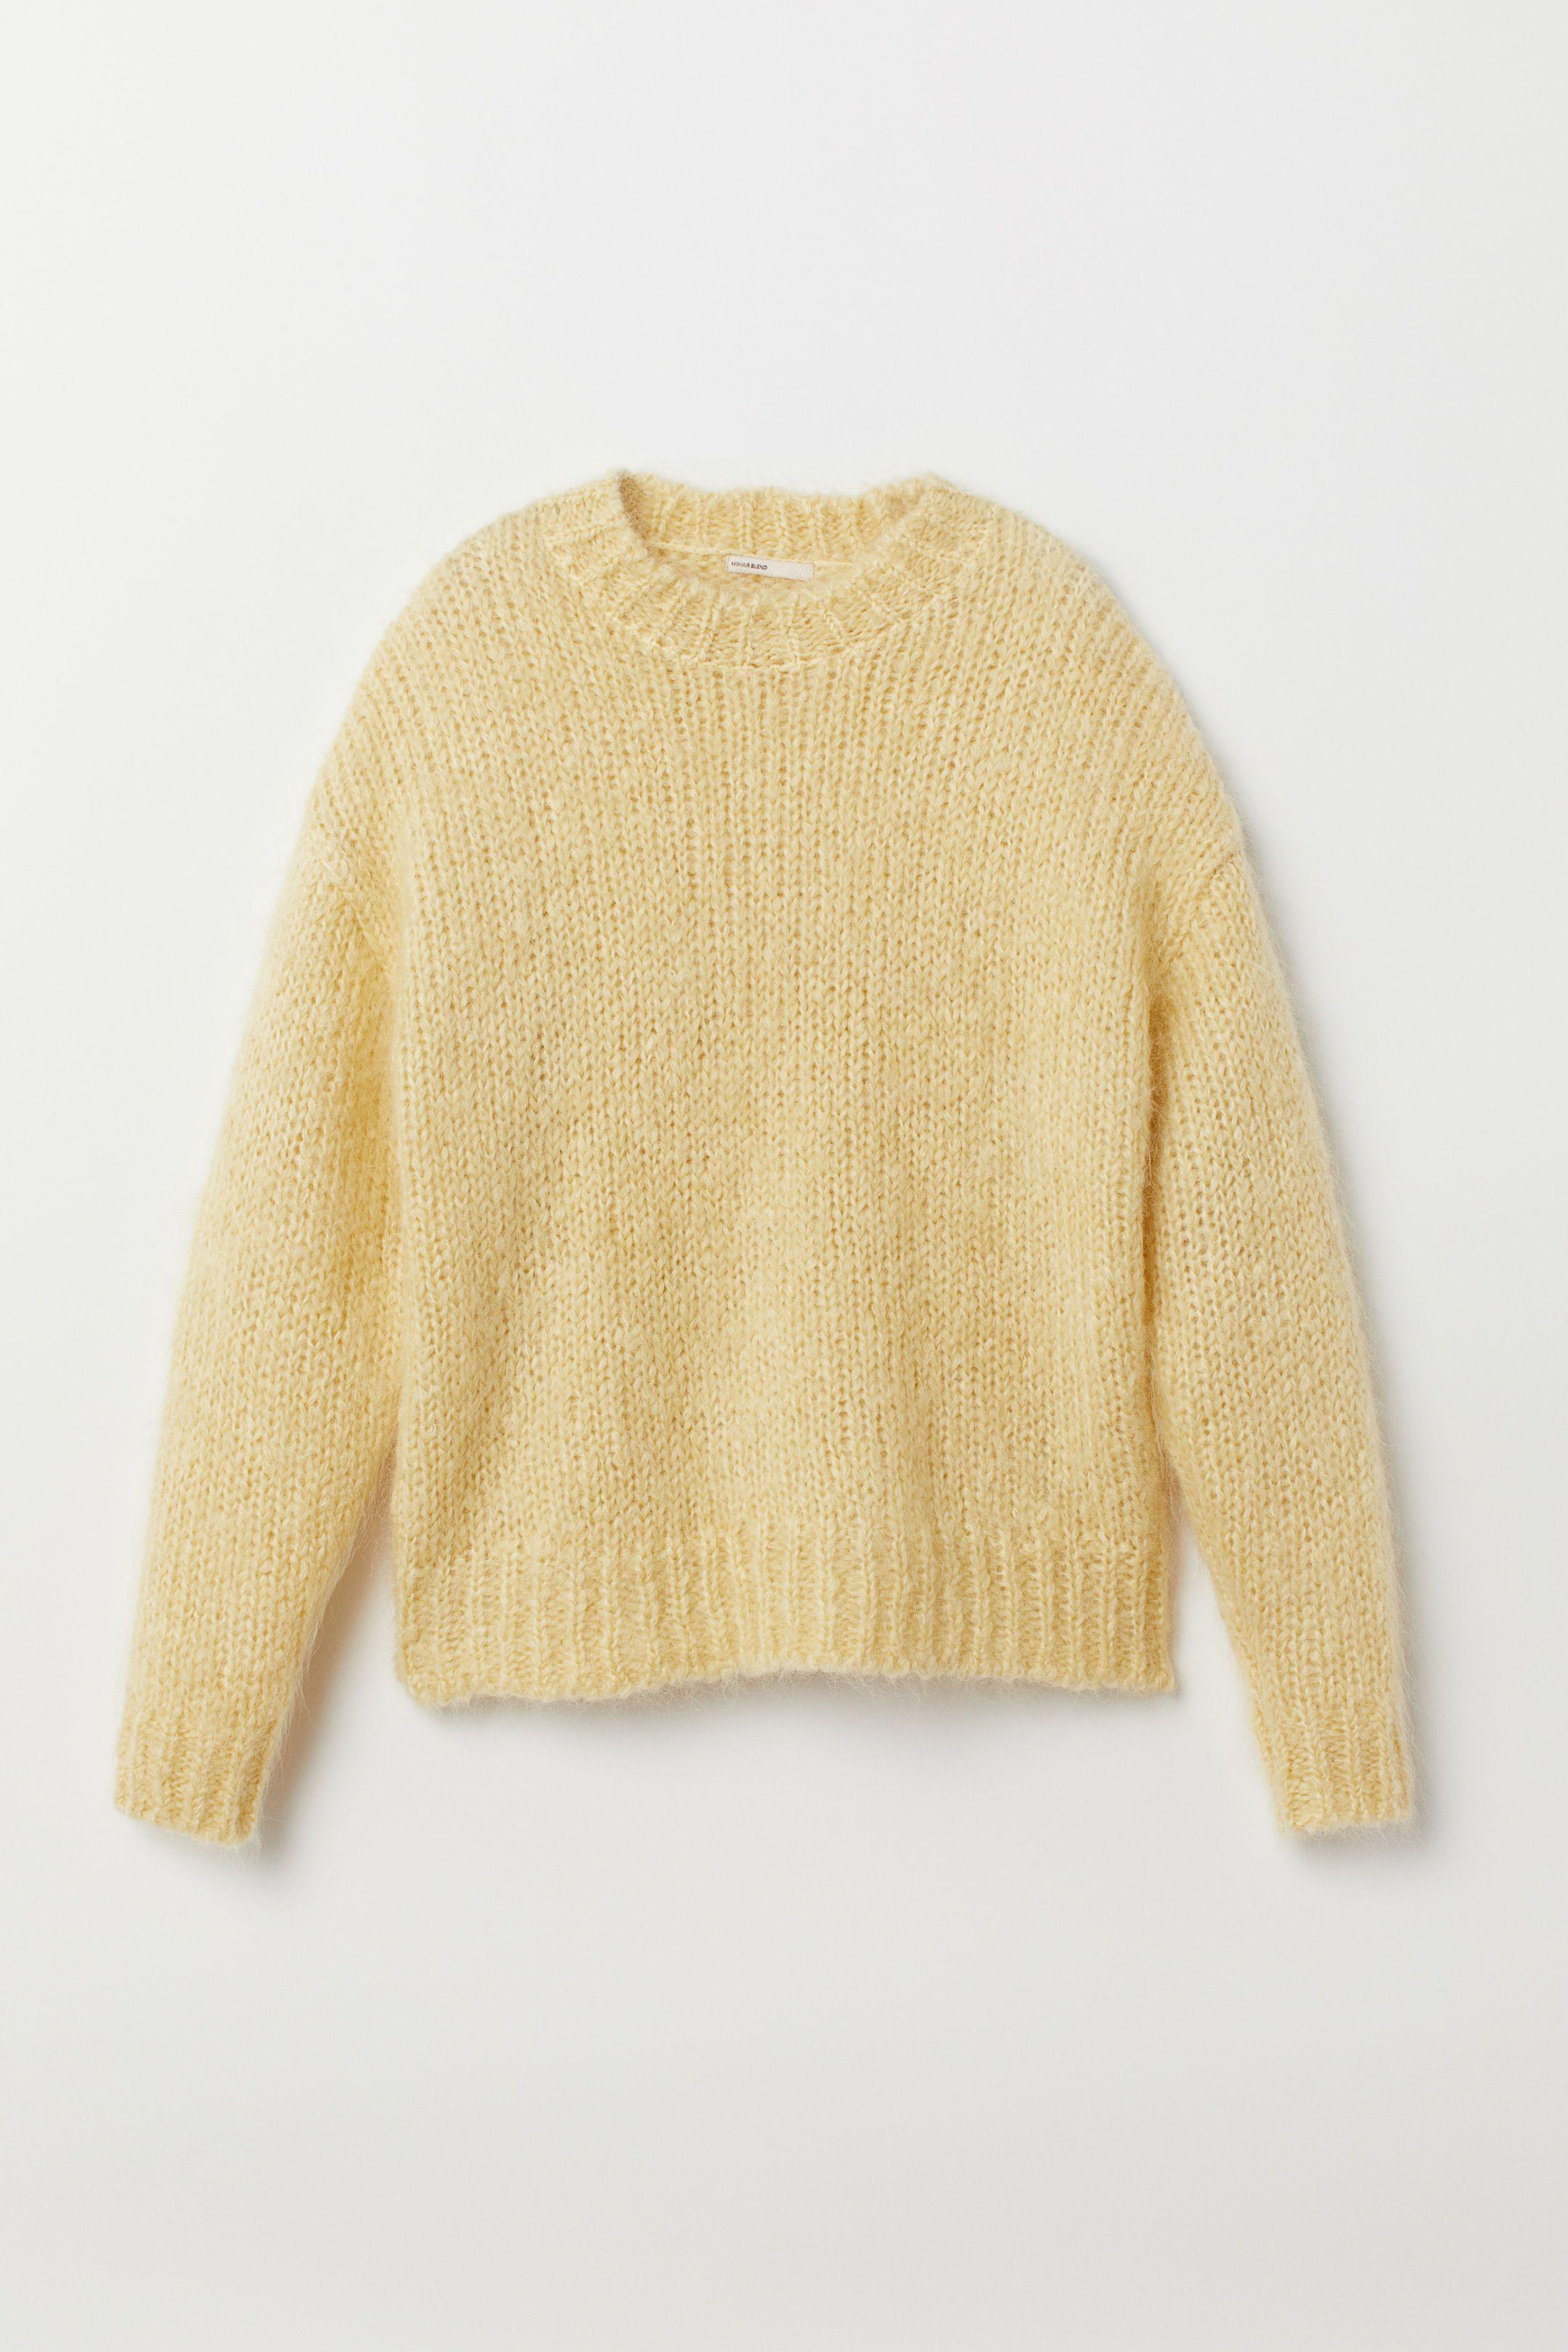 Knit Mohair,blend Sweater